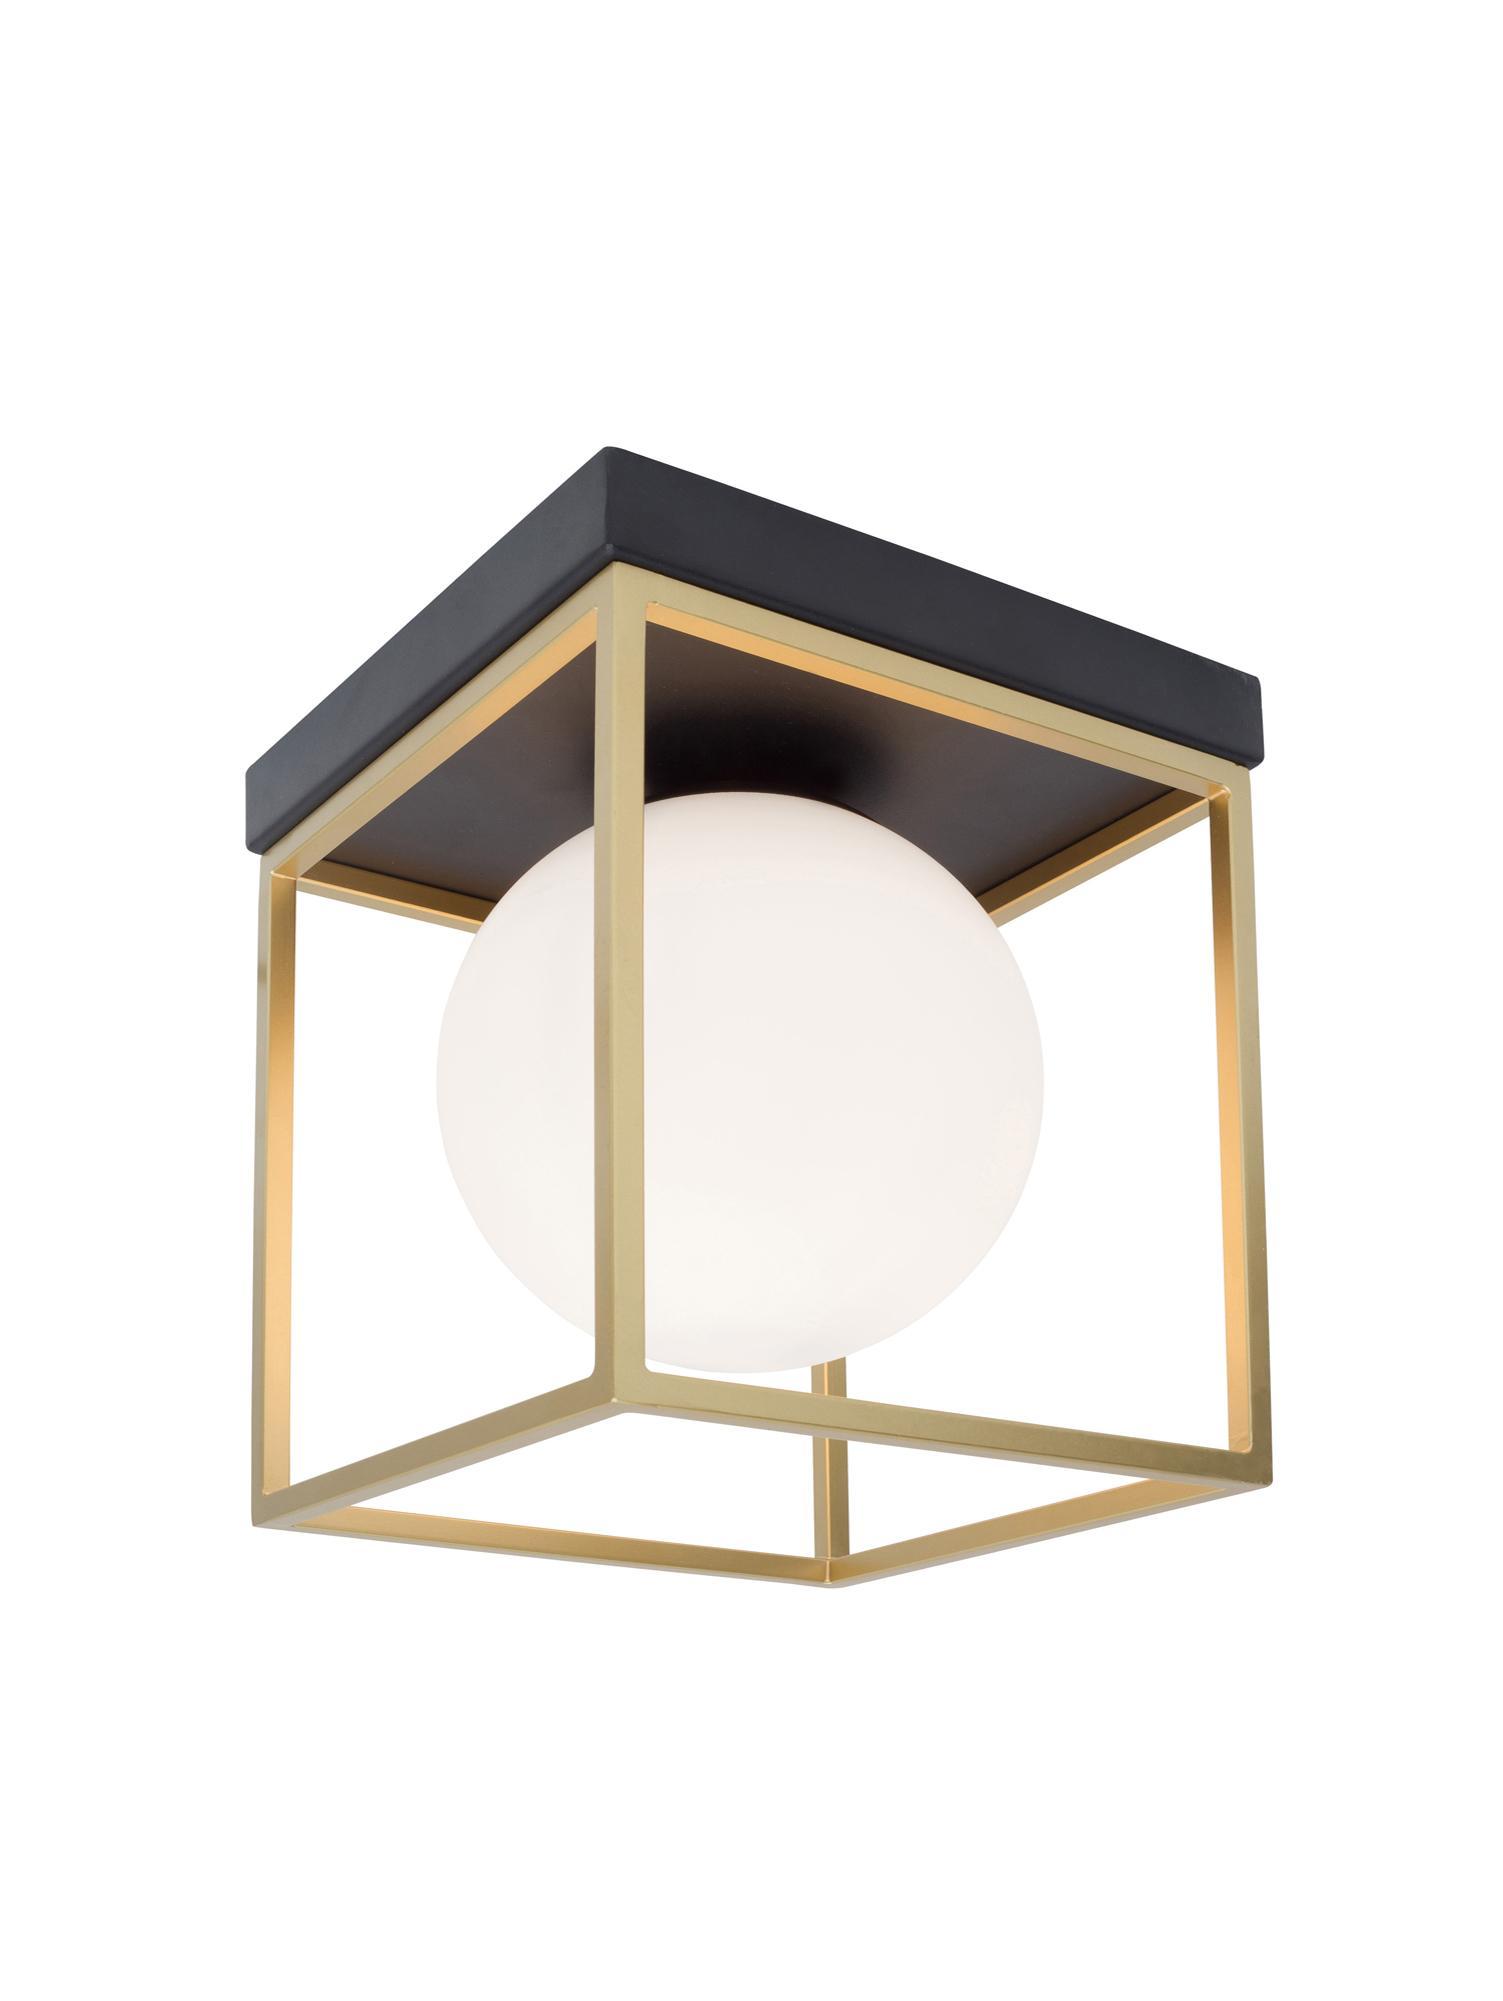 Deckenleuchte Juliet, Lampenschirm: Glas, Gestell: Metall, vermessingt, Weiss, Messing, 19 x 20 cm